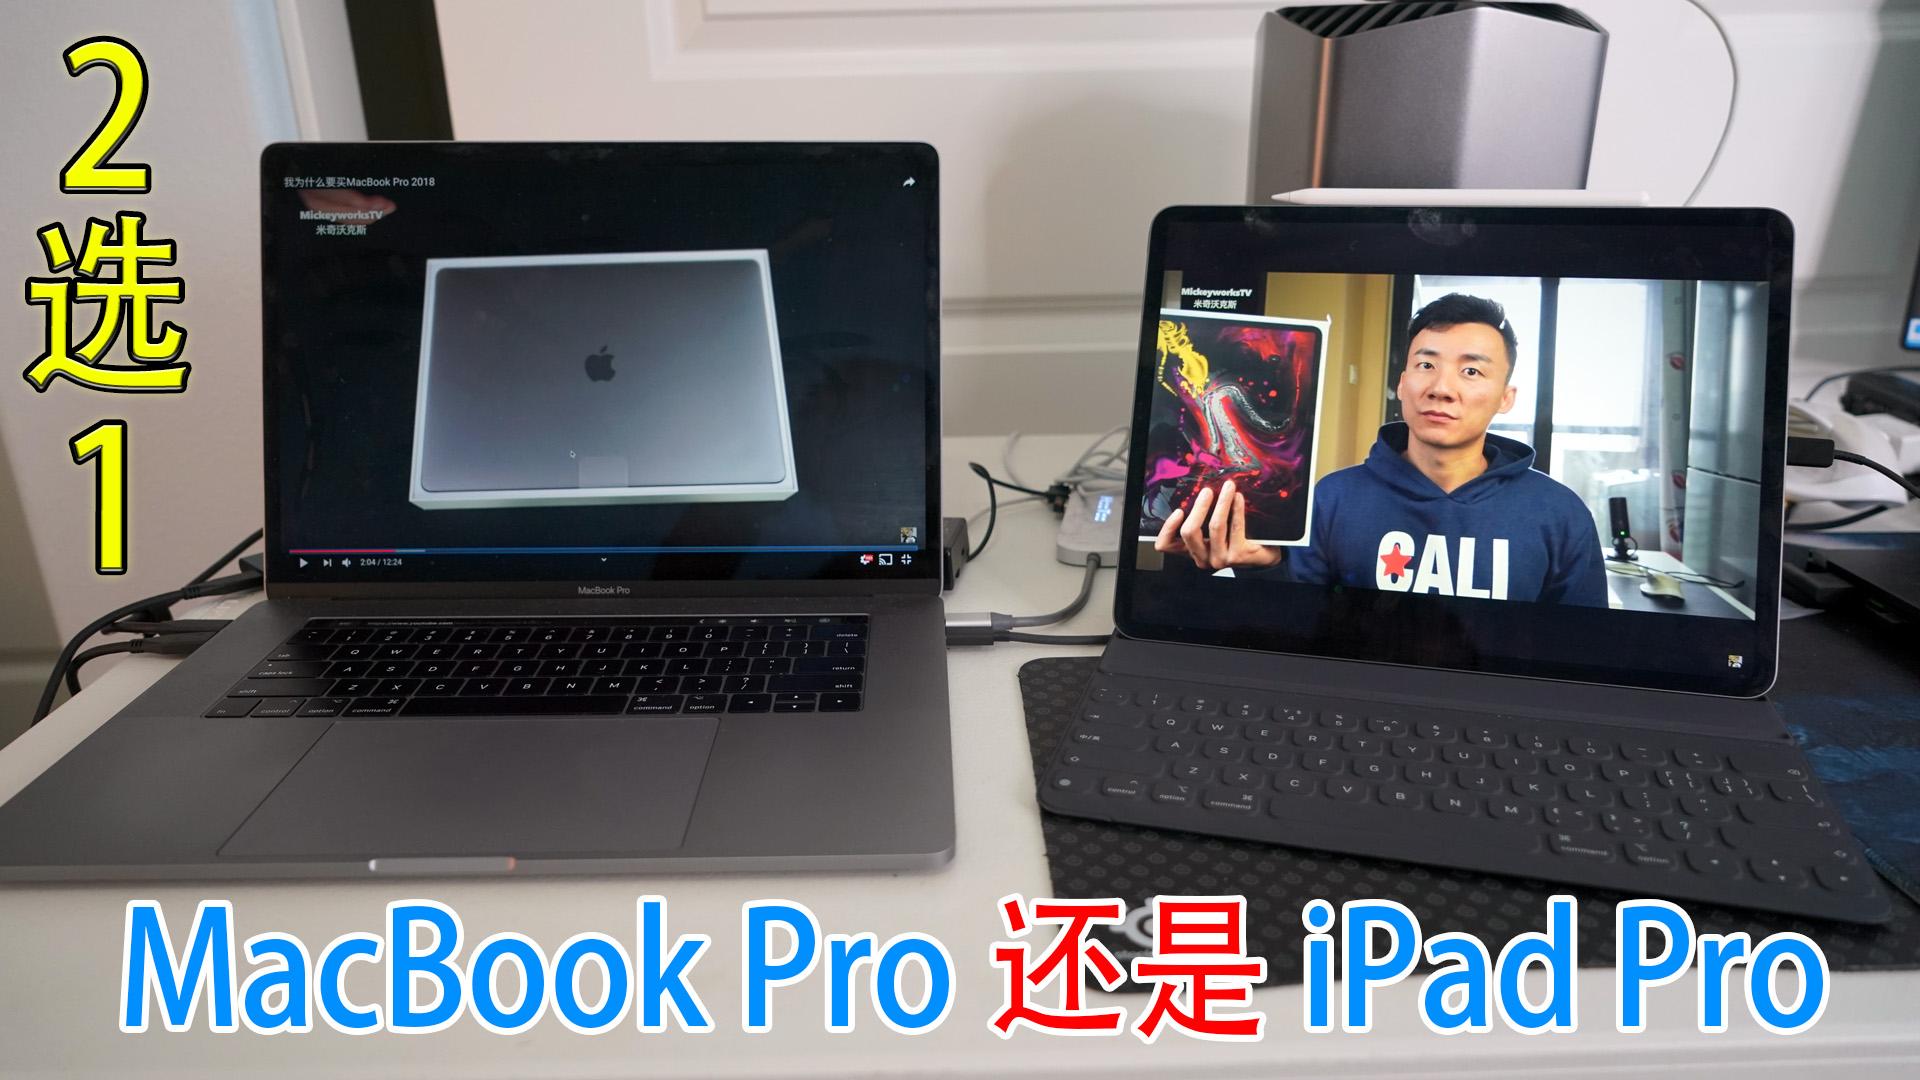 MacBook Pro 还是 iPad Pro ?说出你的选择